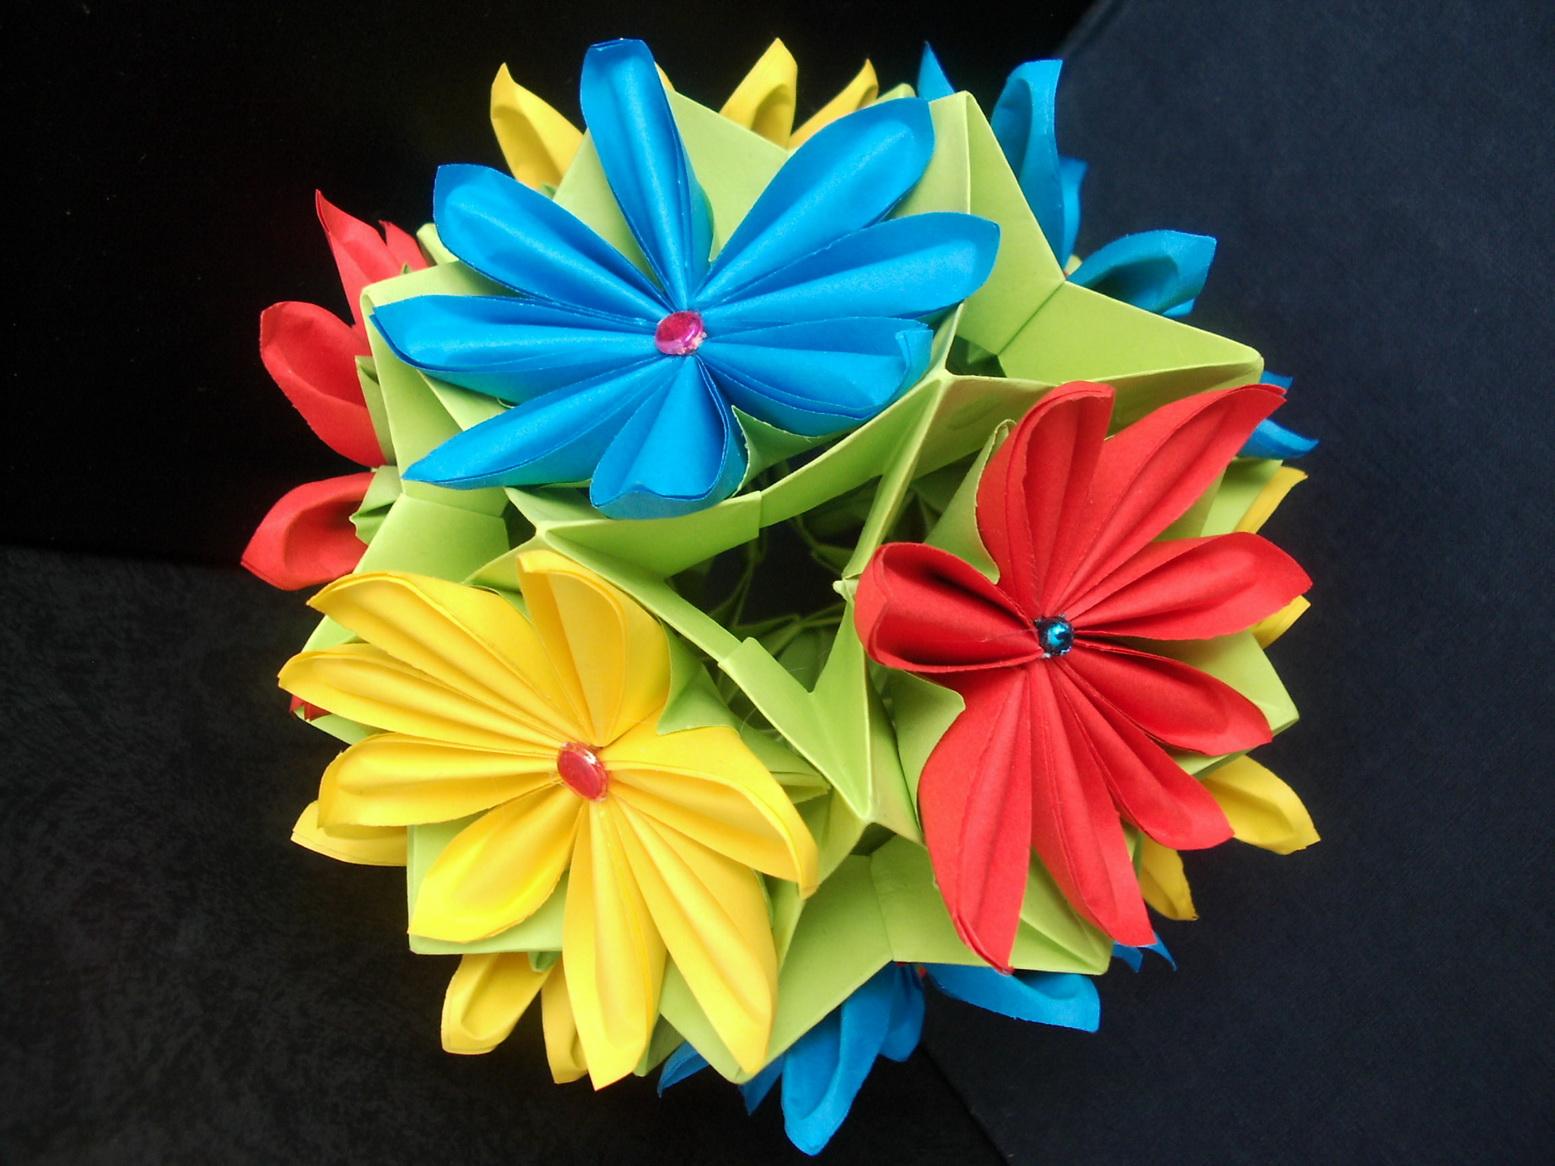 Бумаготворчество: Аппликация, оригами, кусудамы, скрапбукинг, квиллинг и т.д.